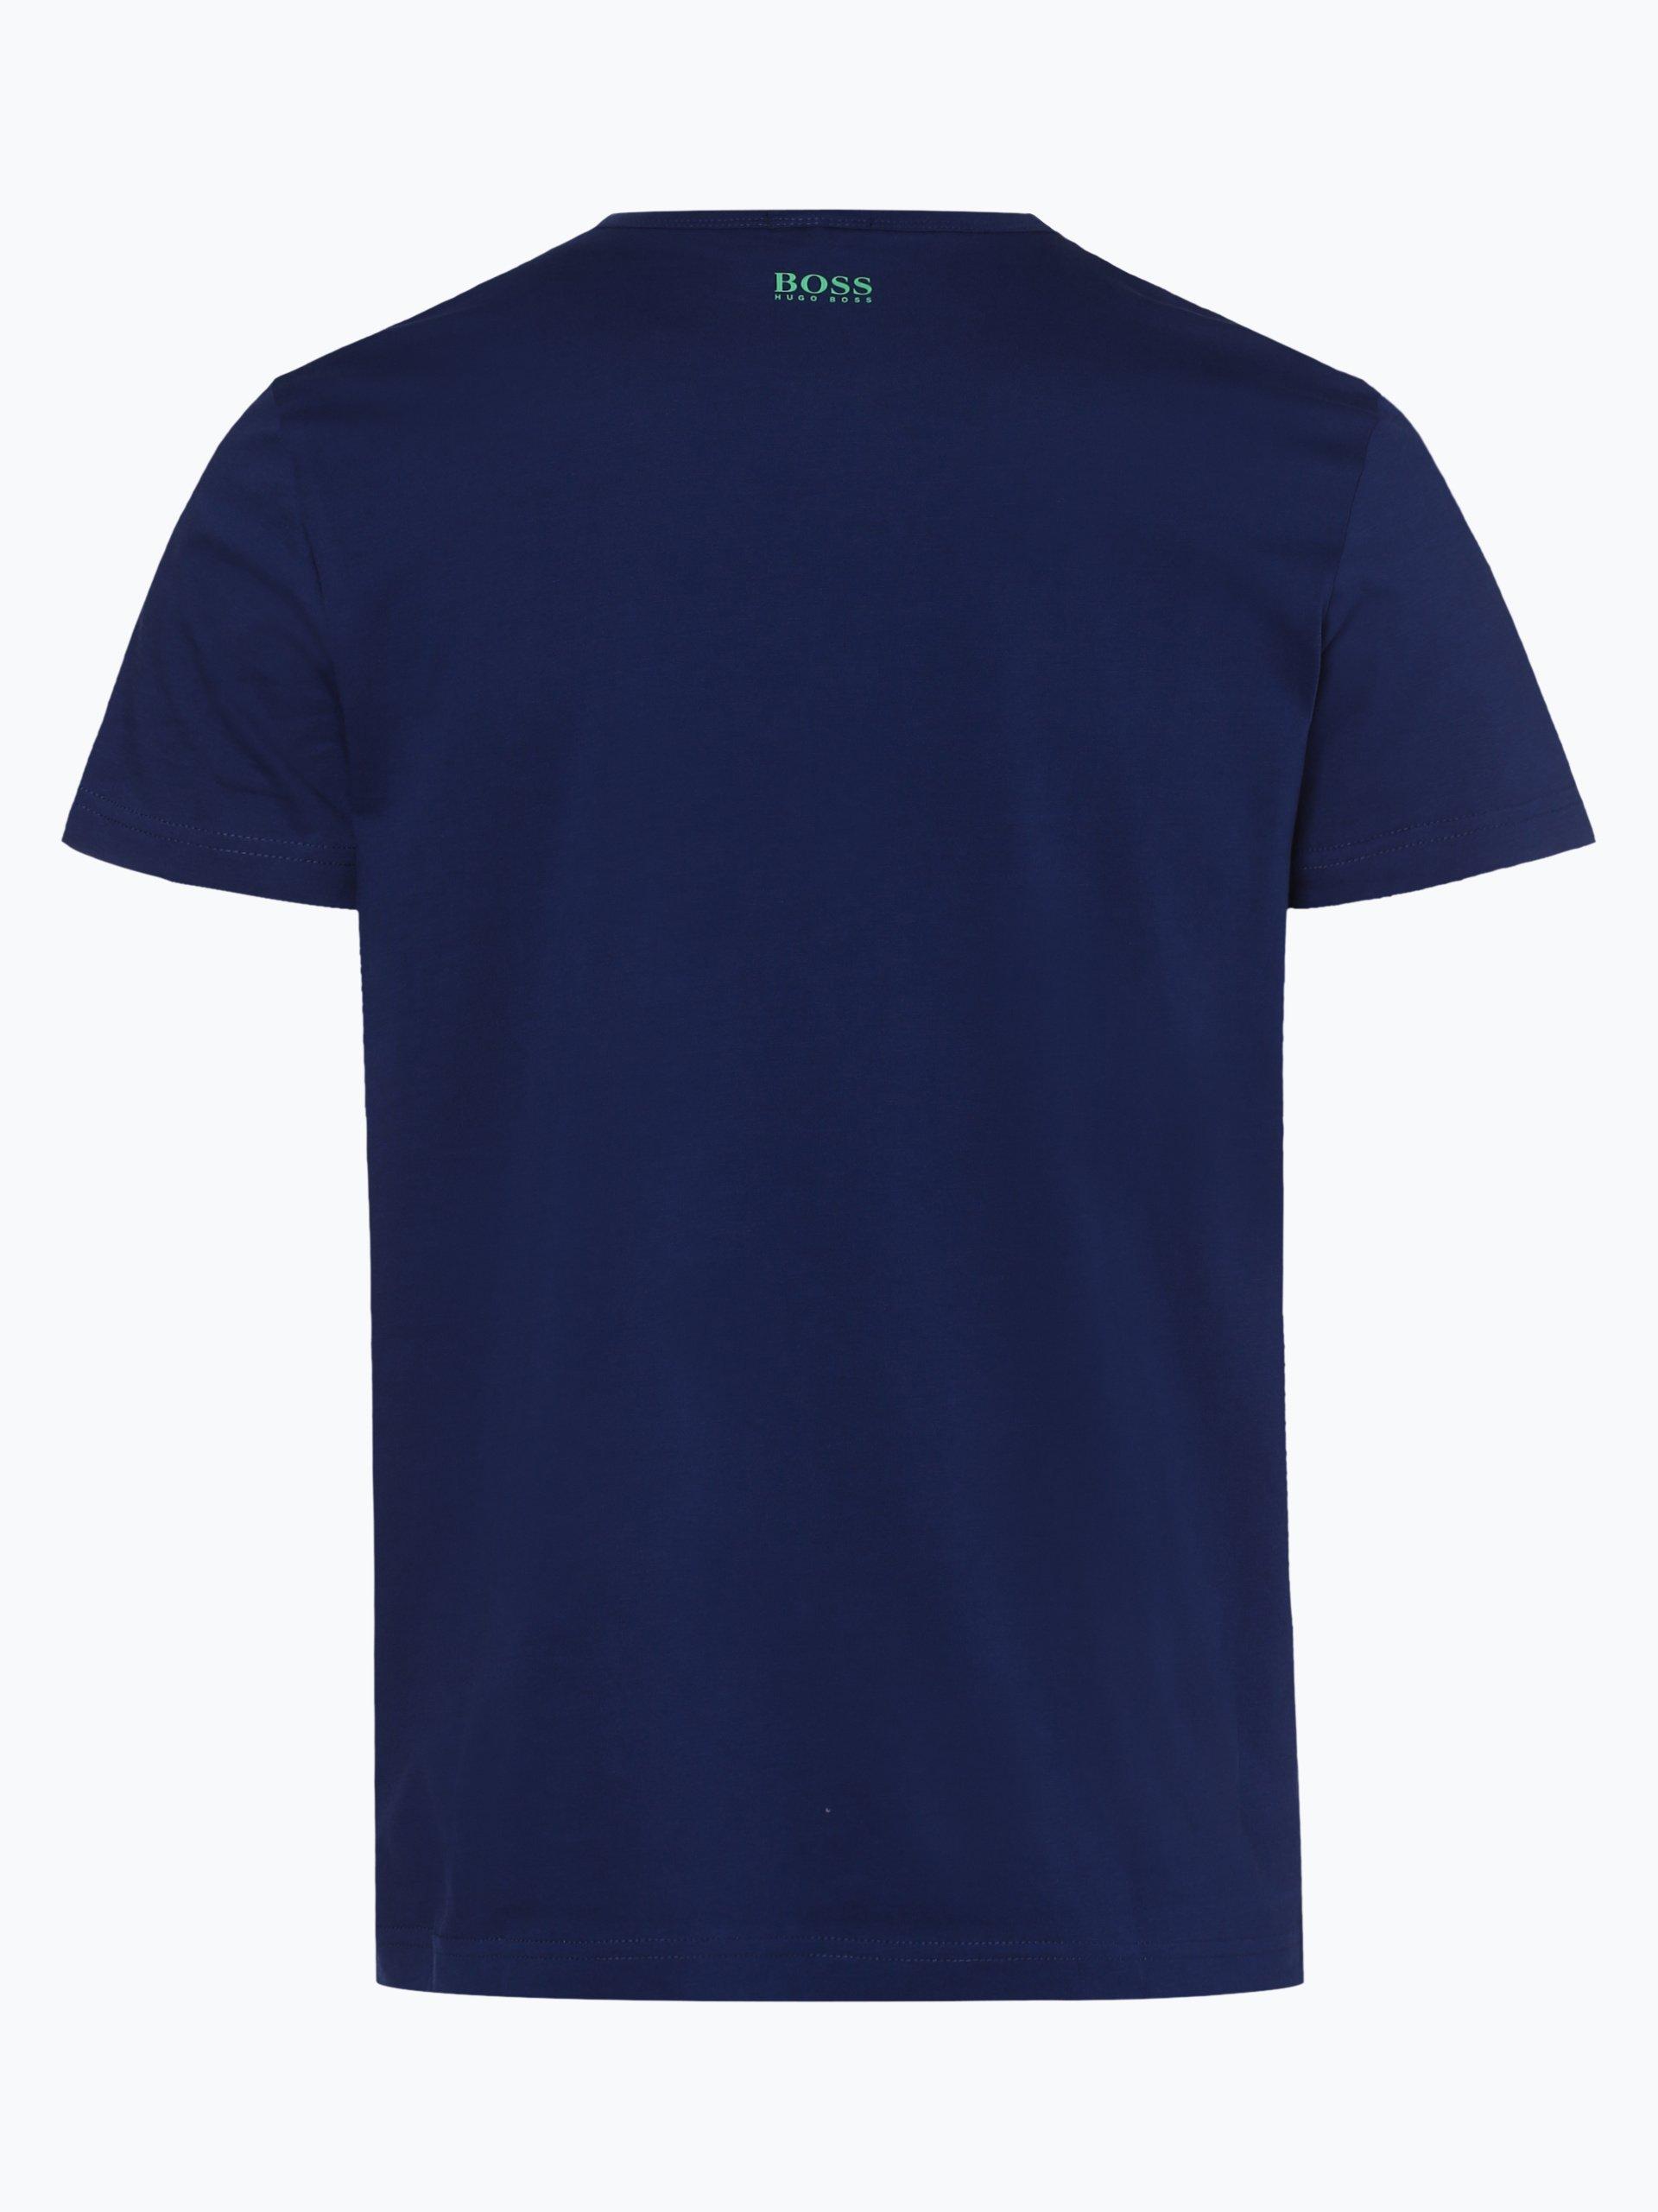 BOSS Athleisure T-shirt męski – Teeos